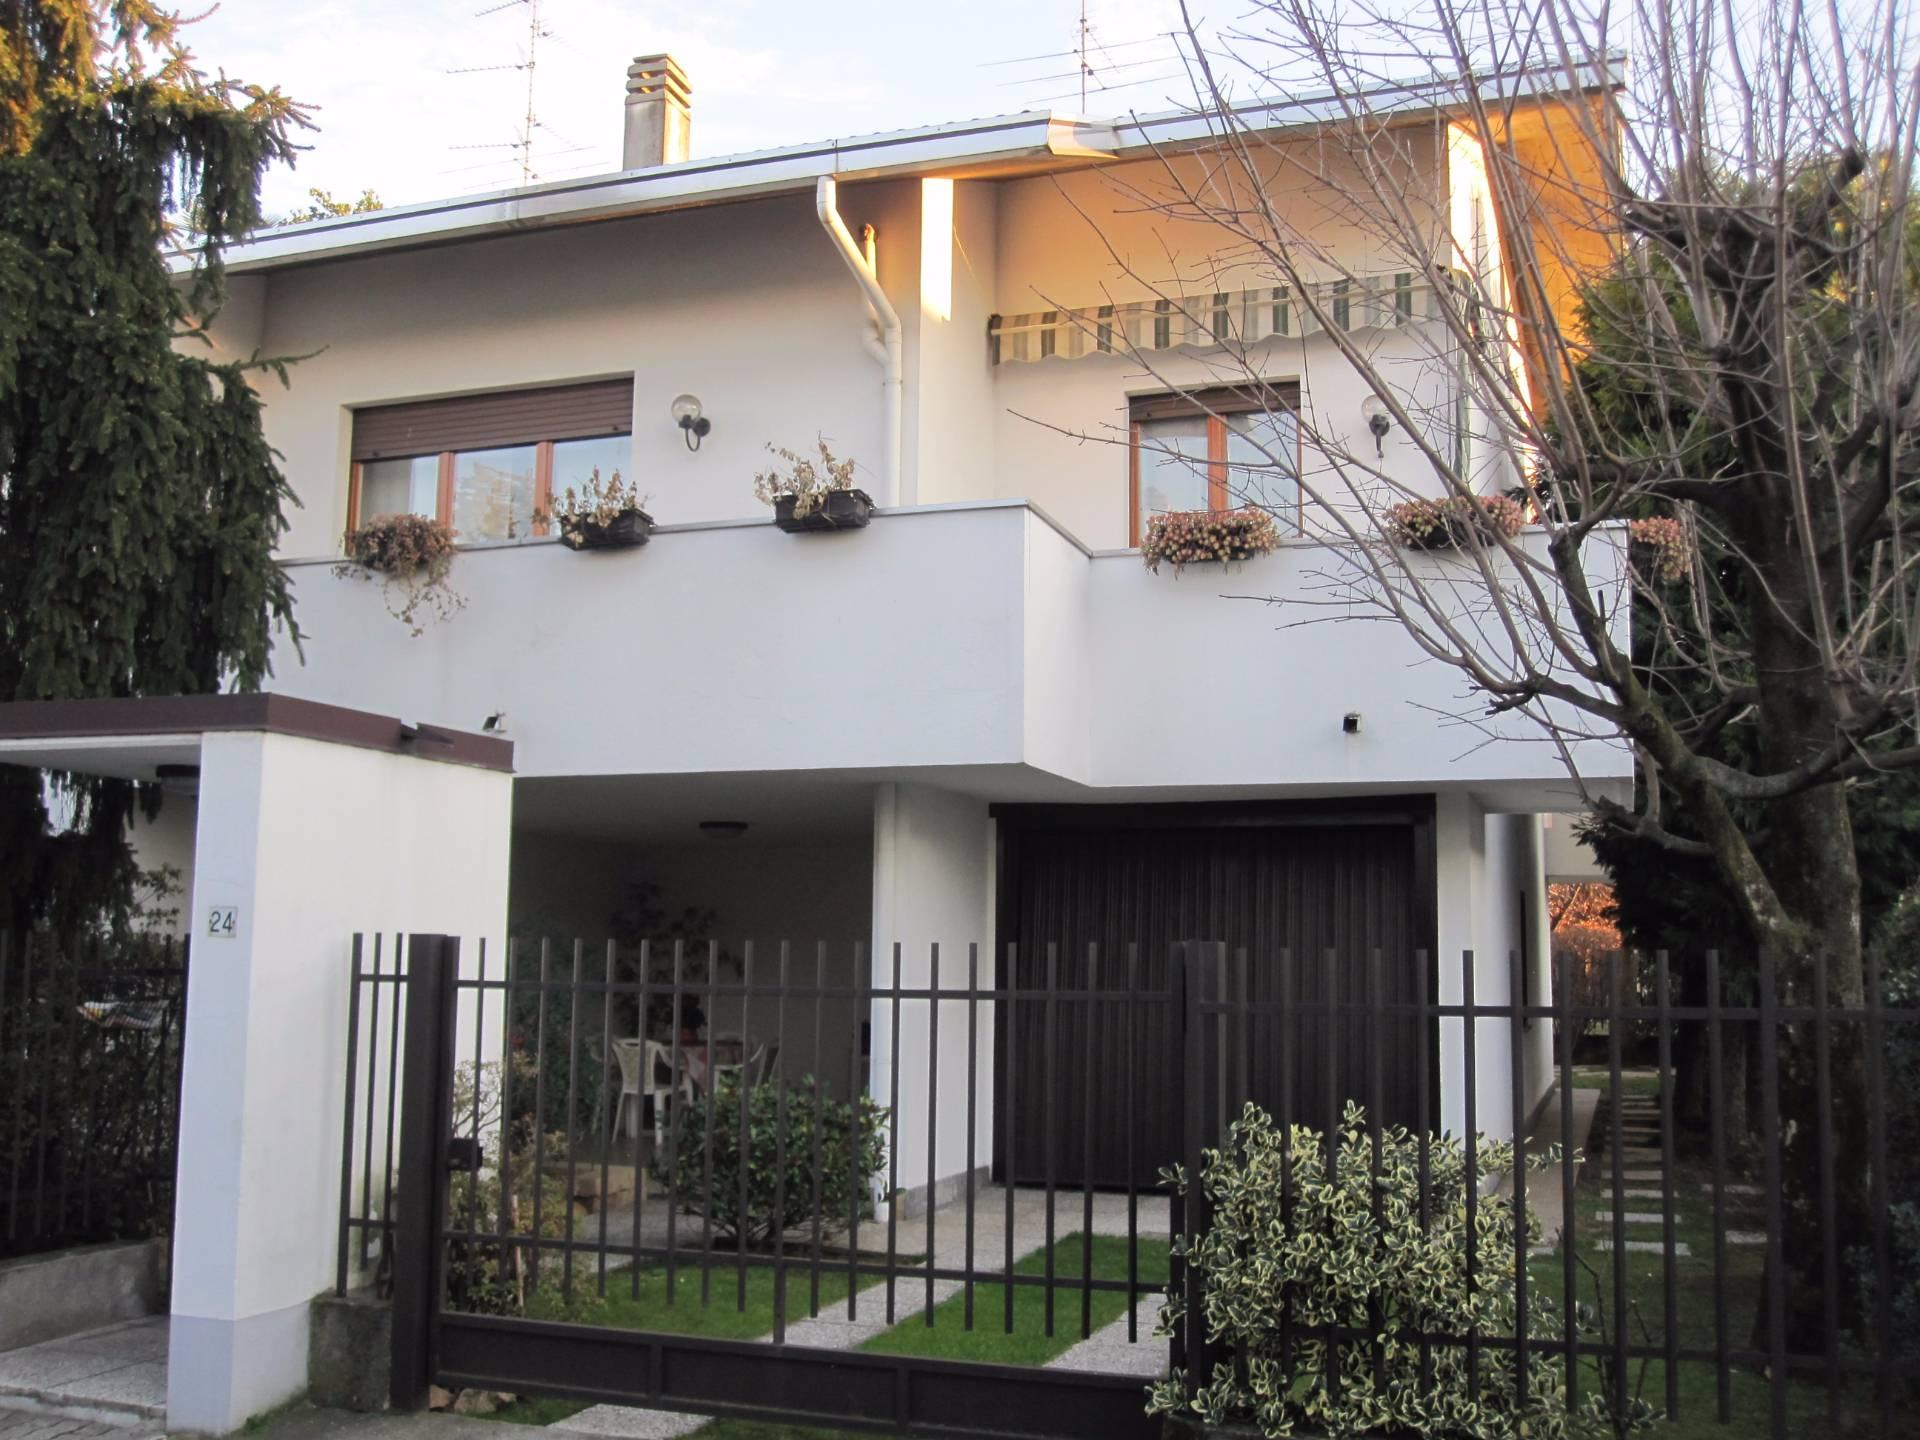 Casa legnano appartamenti e case in vendita pag 12 for Legnano case vendita